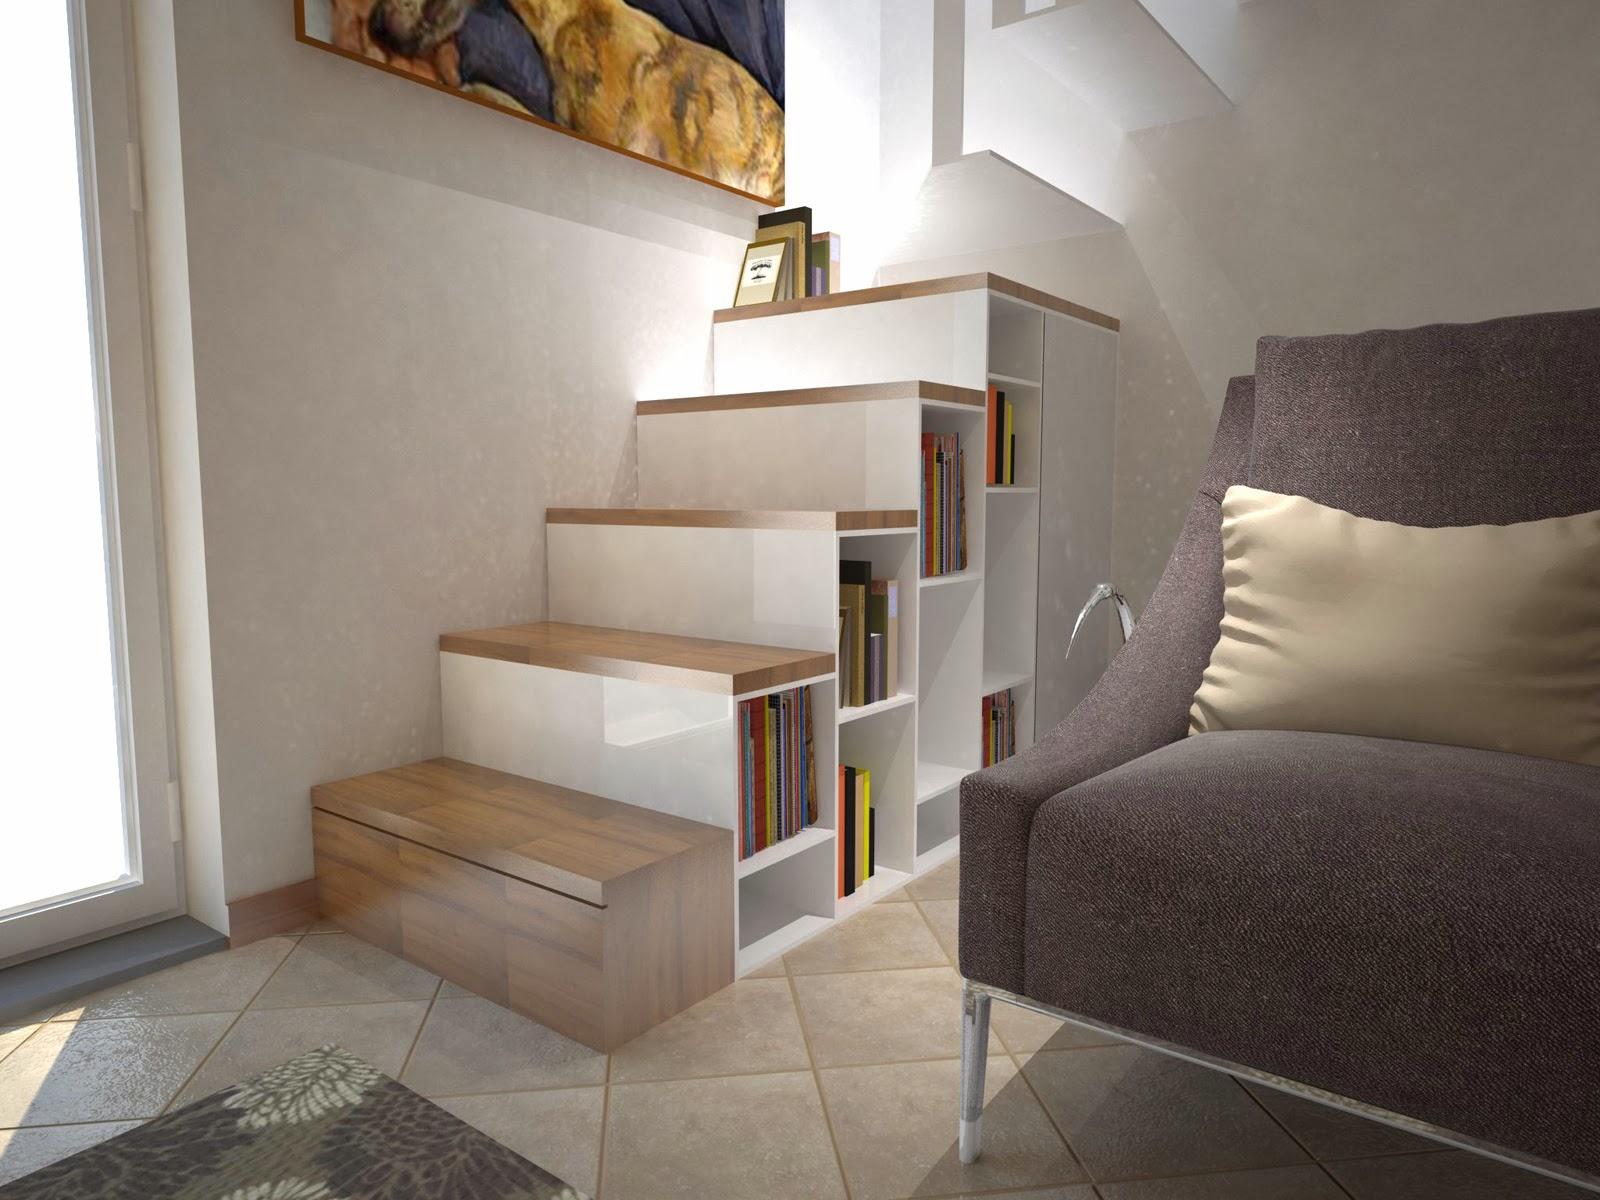 Amedeo Liberatoscioli Appartamenti di piccole dimensioni  Come organizzare gli spazi